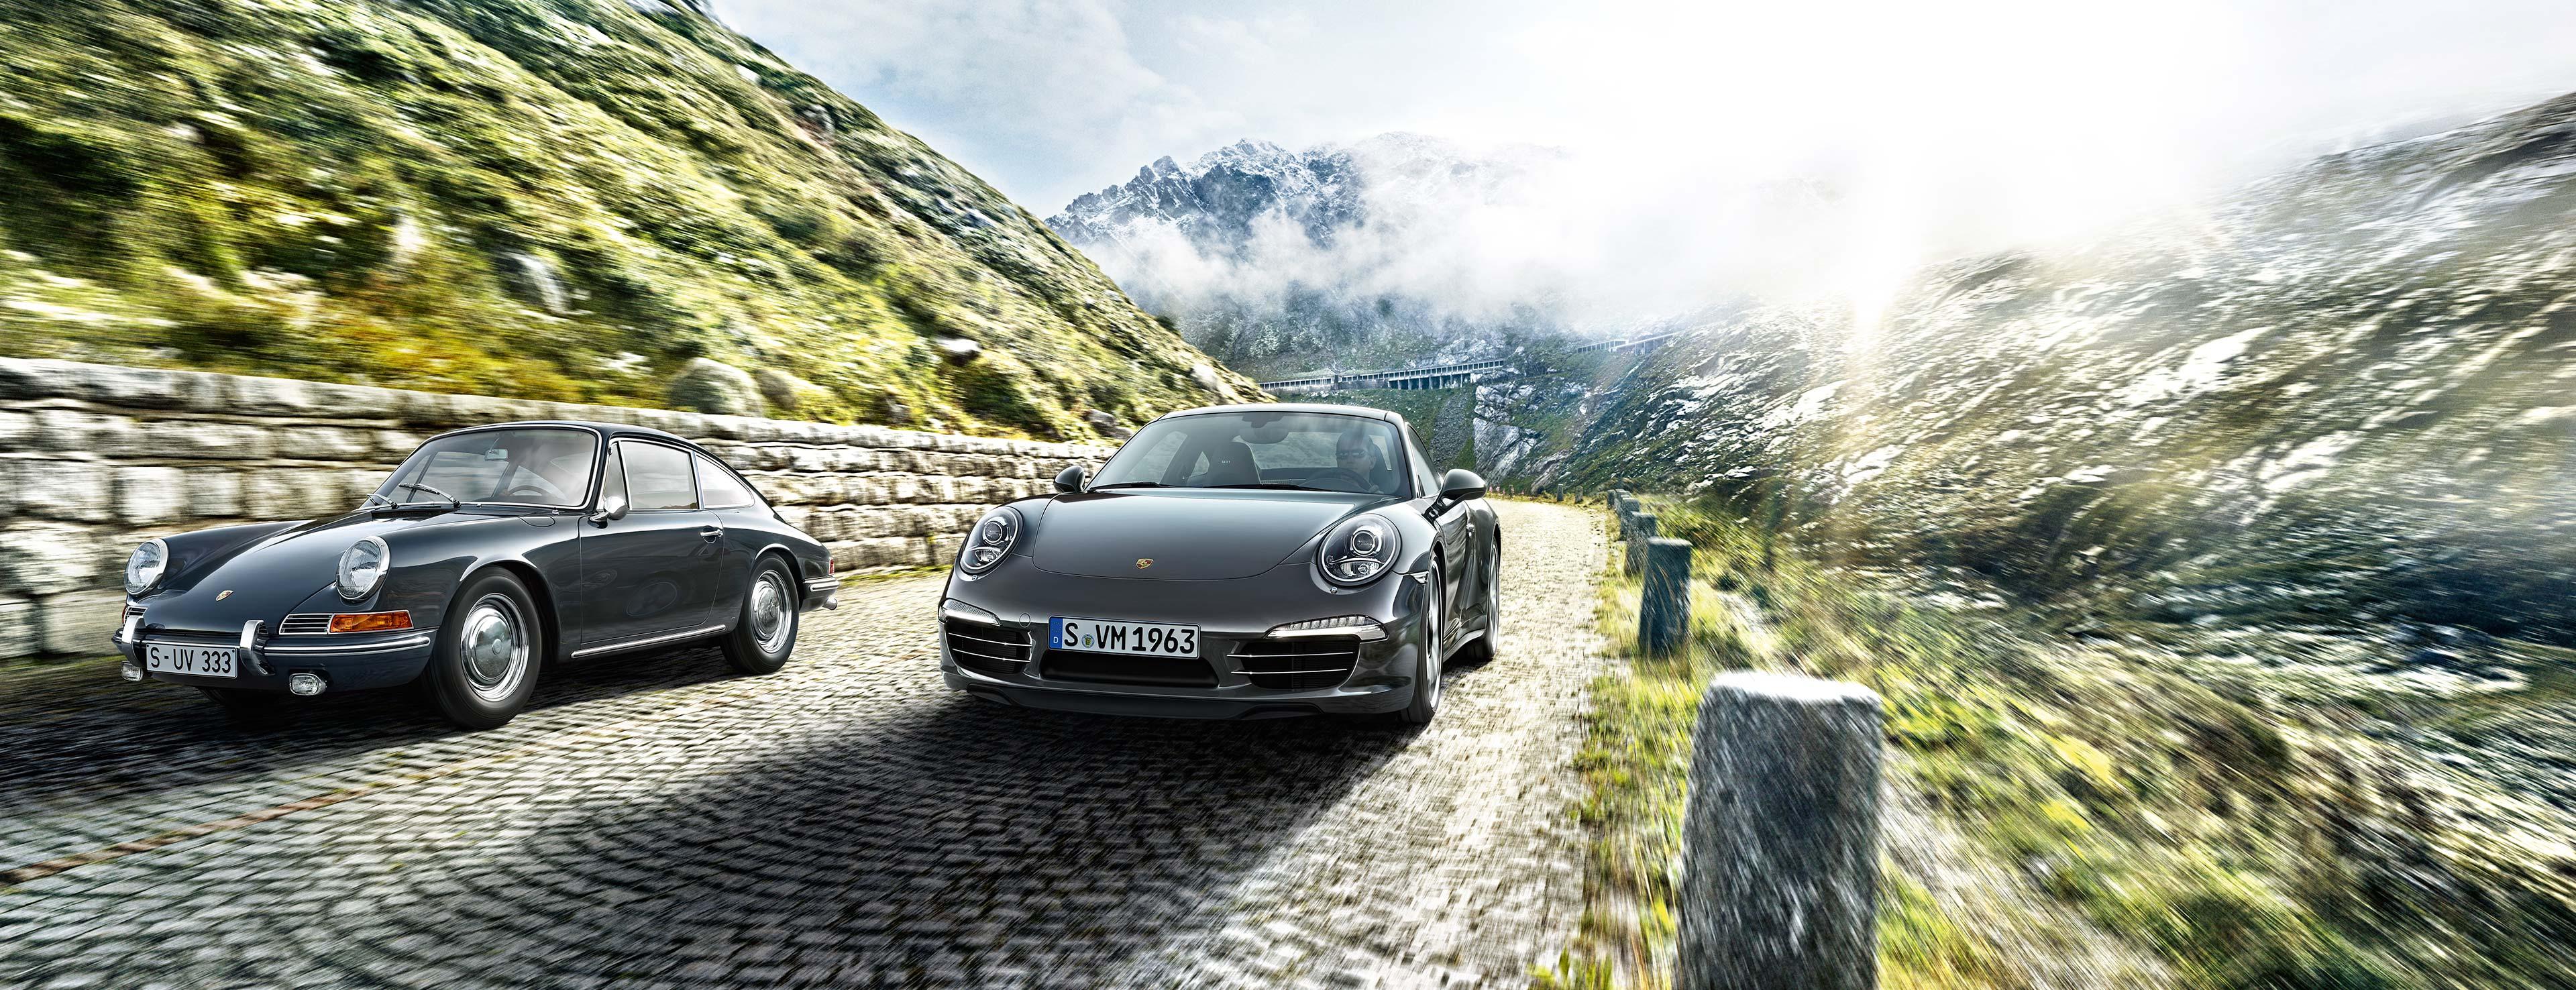 Porsche Pre Owned Cars Porsche Canada